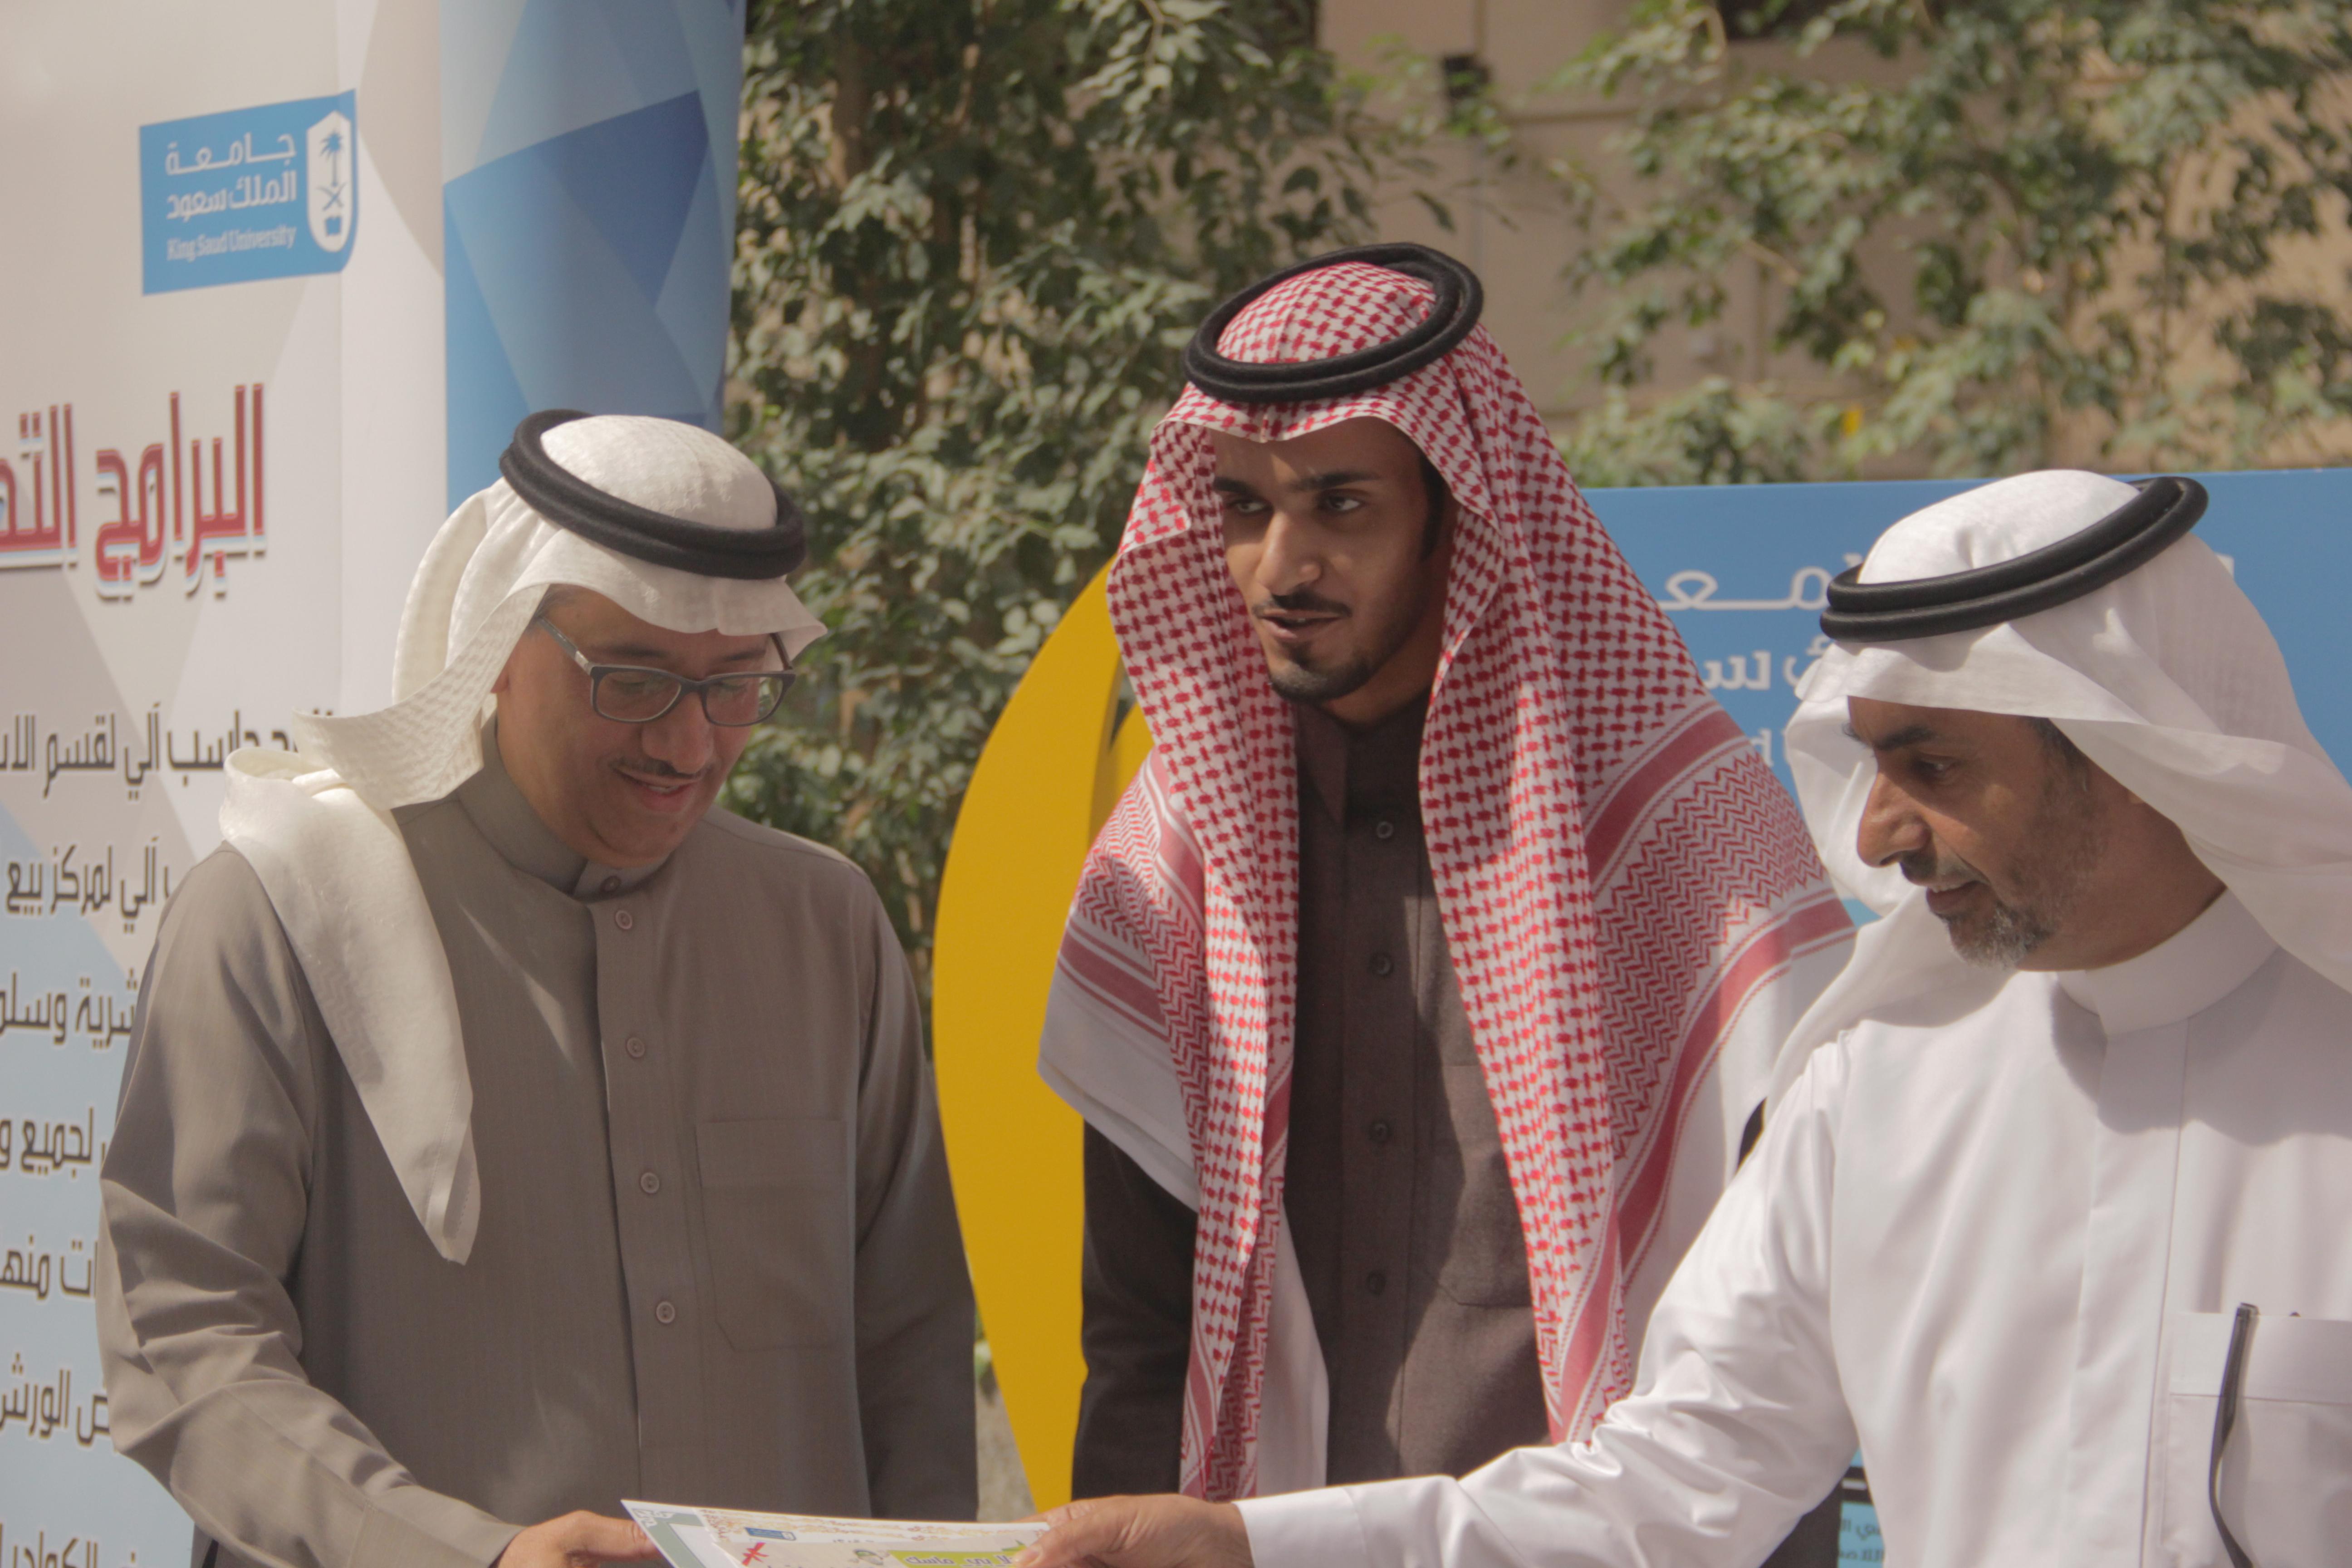 أسماء الفائزين بمسابقة #معرض_صندوق_الطلاب